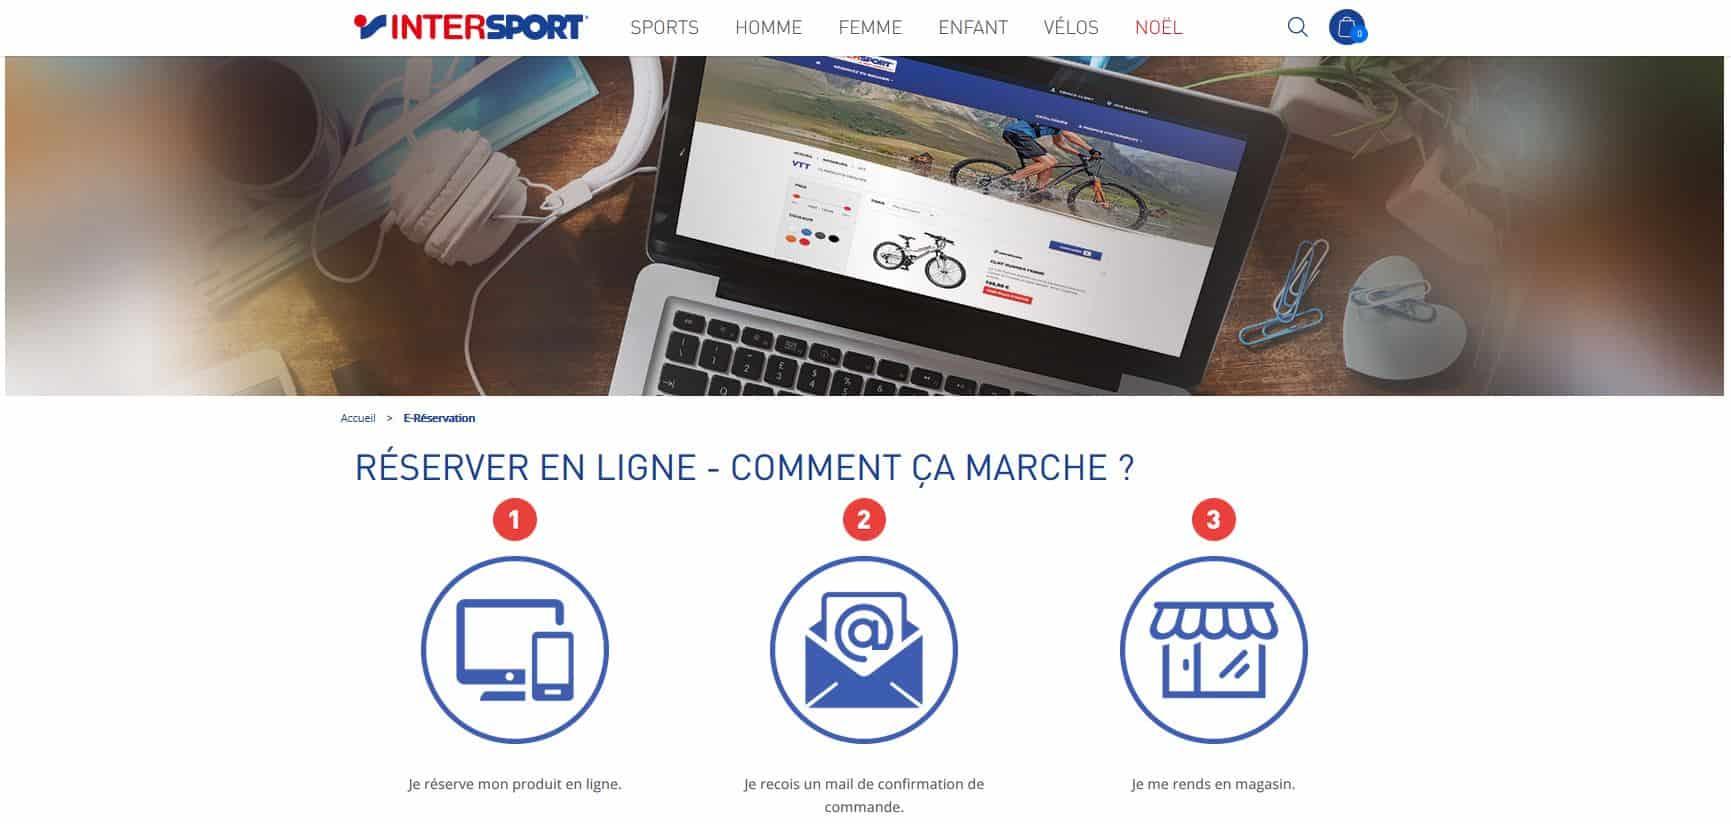 Indication pour profiter de l'e-réservation chez Intersport